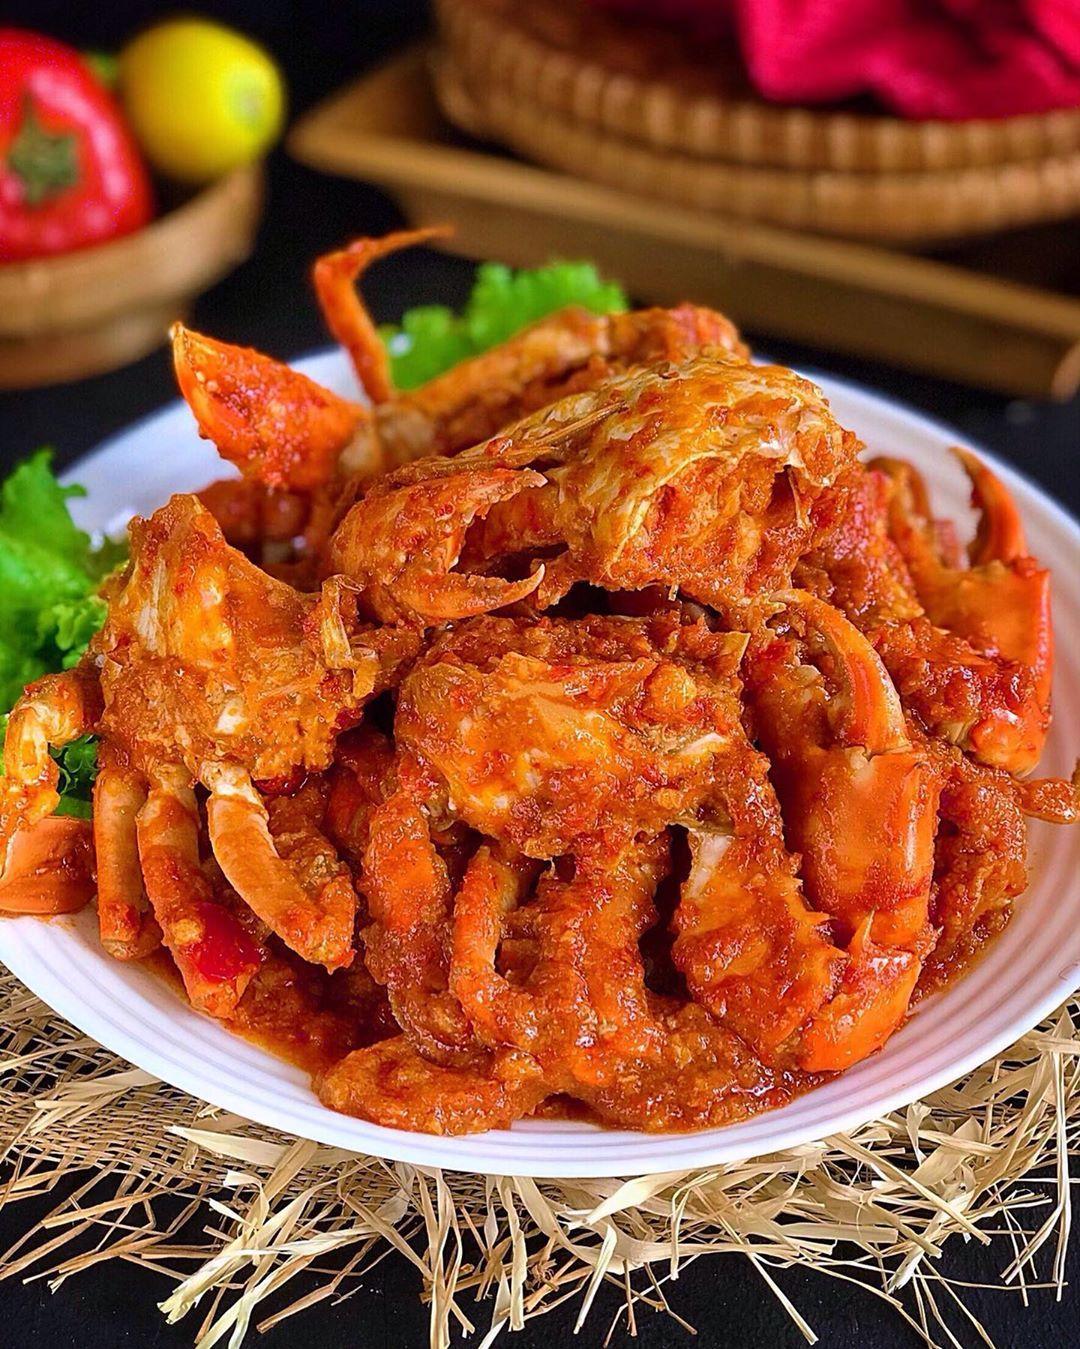 Resep Kepiting Saus Pedas Dan Cara Membuat Spicy Chilli Crabs Recipes Lengkap Tips Memilih Kepiting Yang Segar Dan Mur Resep Kepiting Resep Masakan Pedas Resep